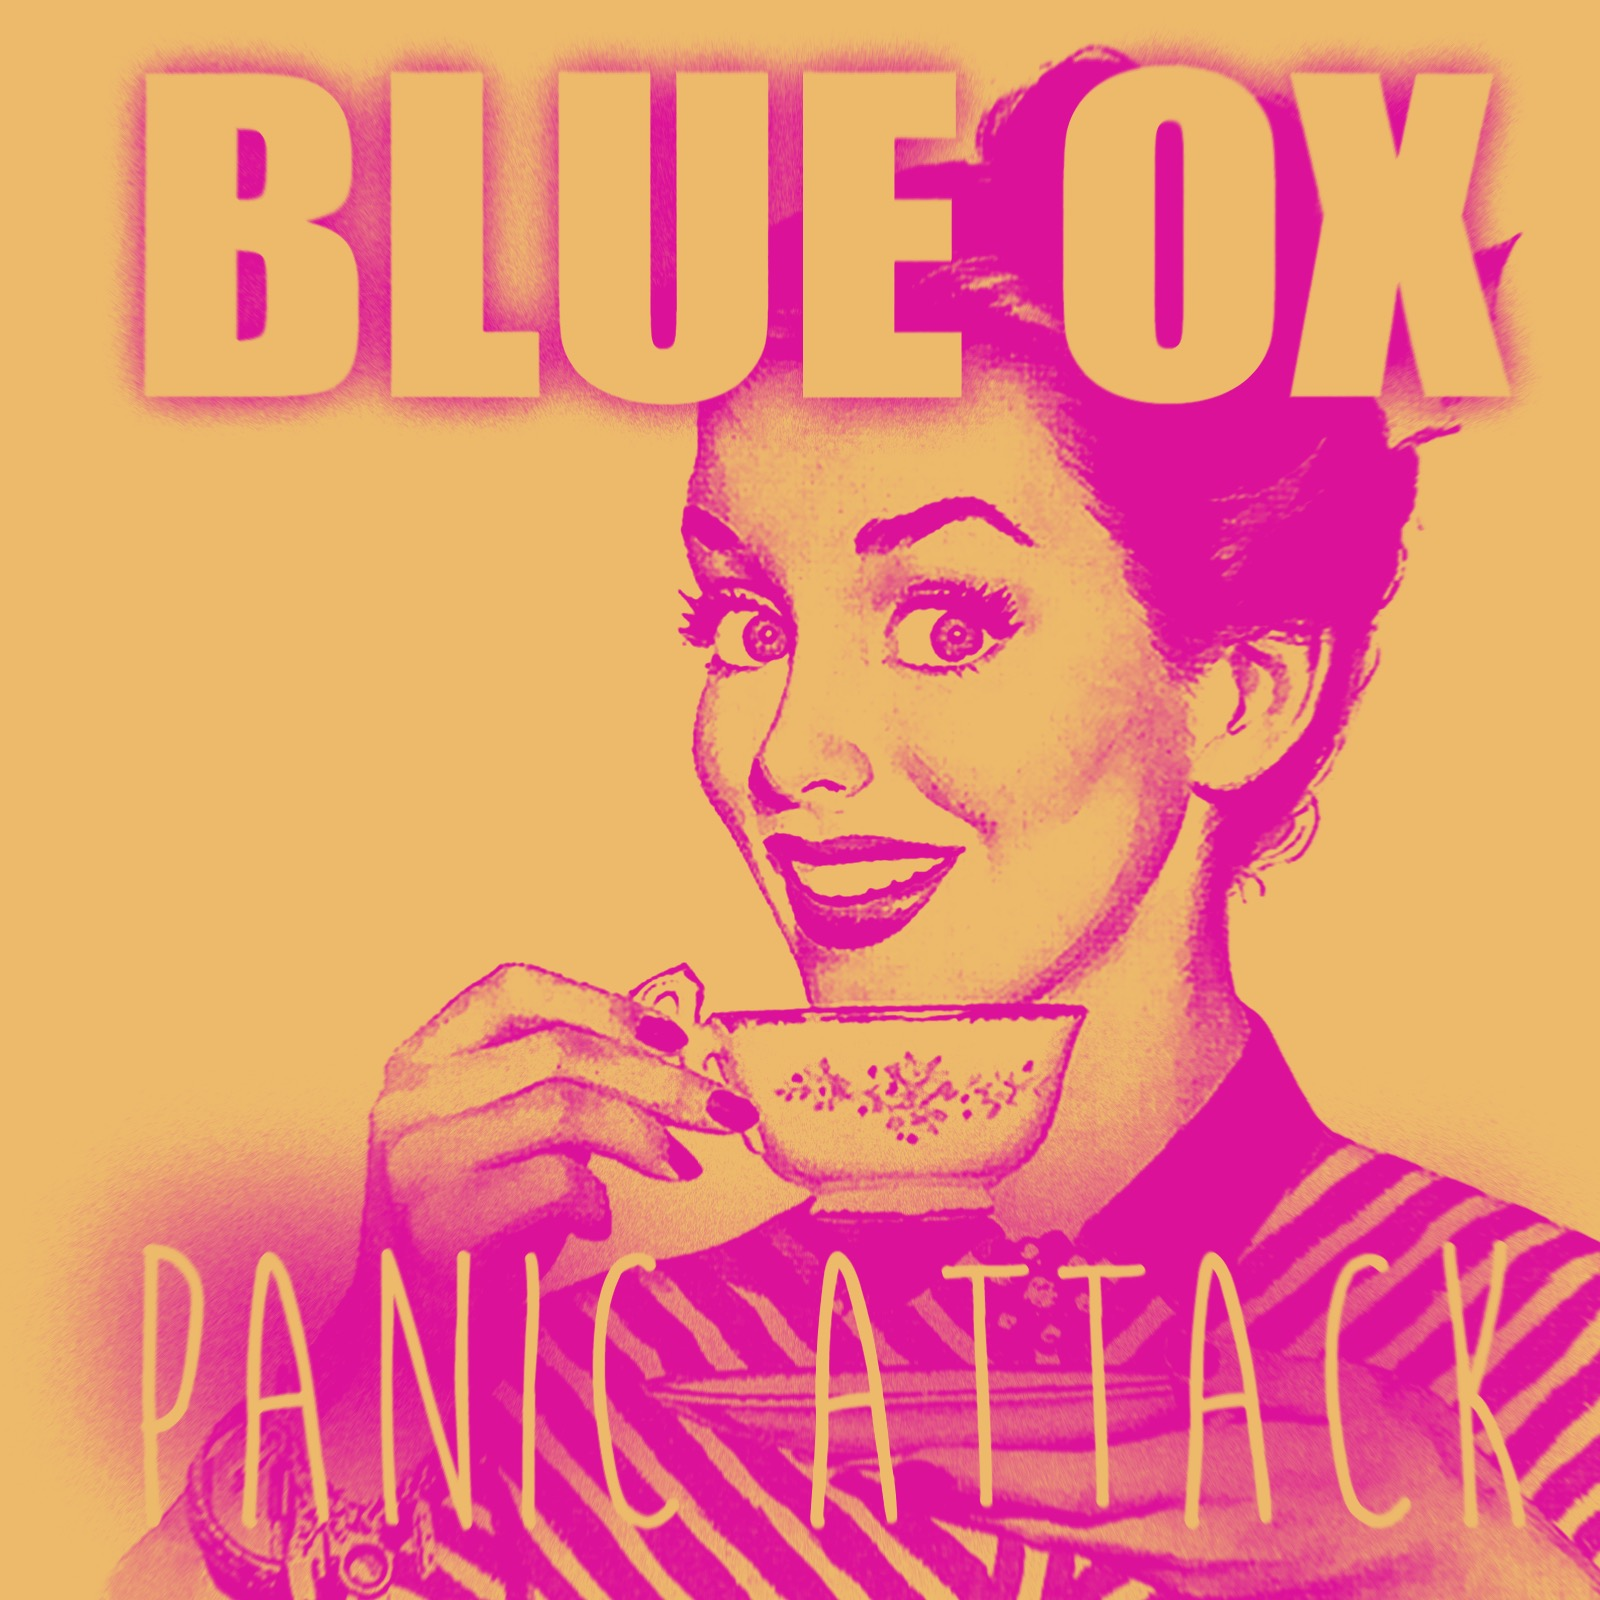 BlueOX_PANIC ATTACK_CoverArt2.JPG